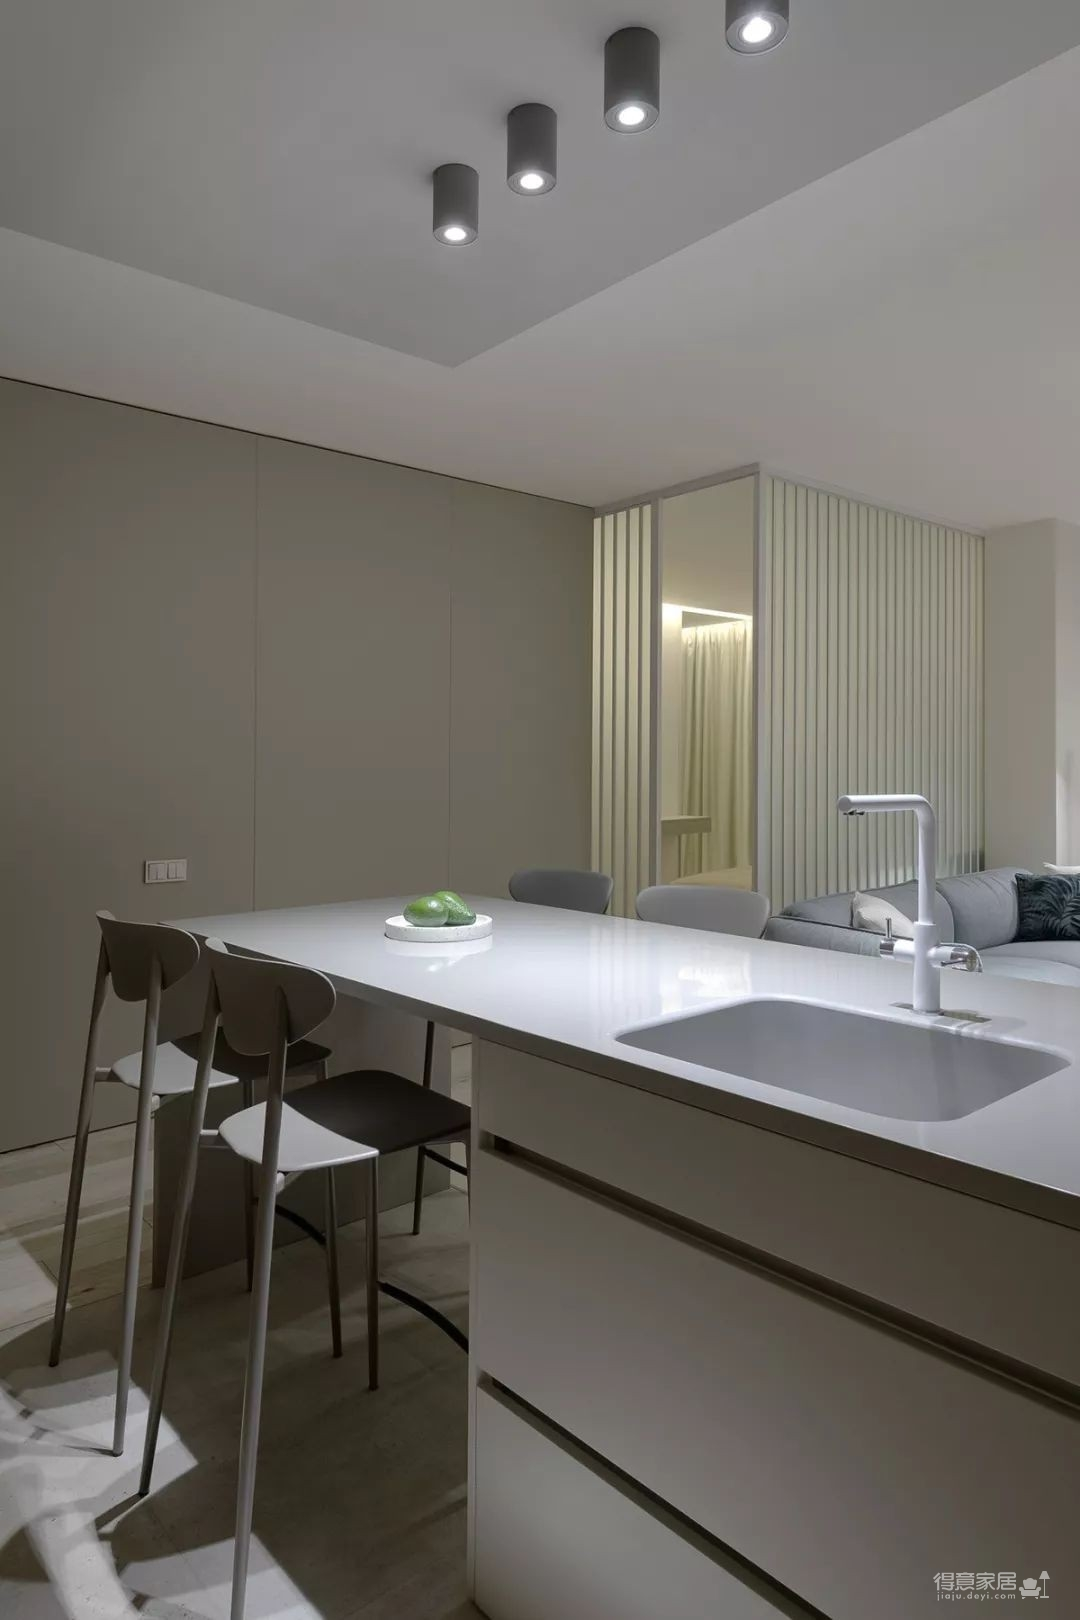 53㎡ 简约风,一室一厅这样设计超省空间 !